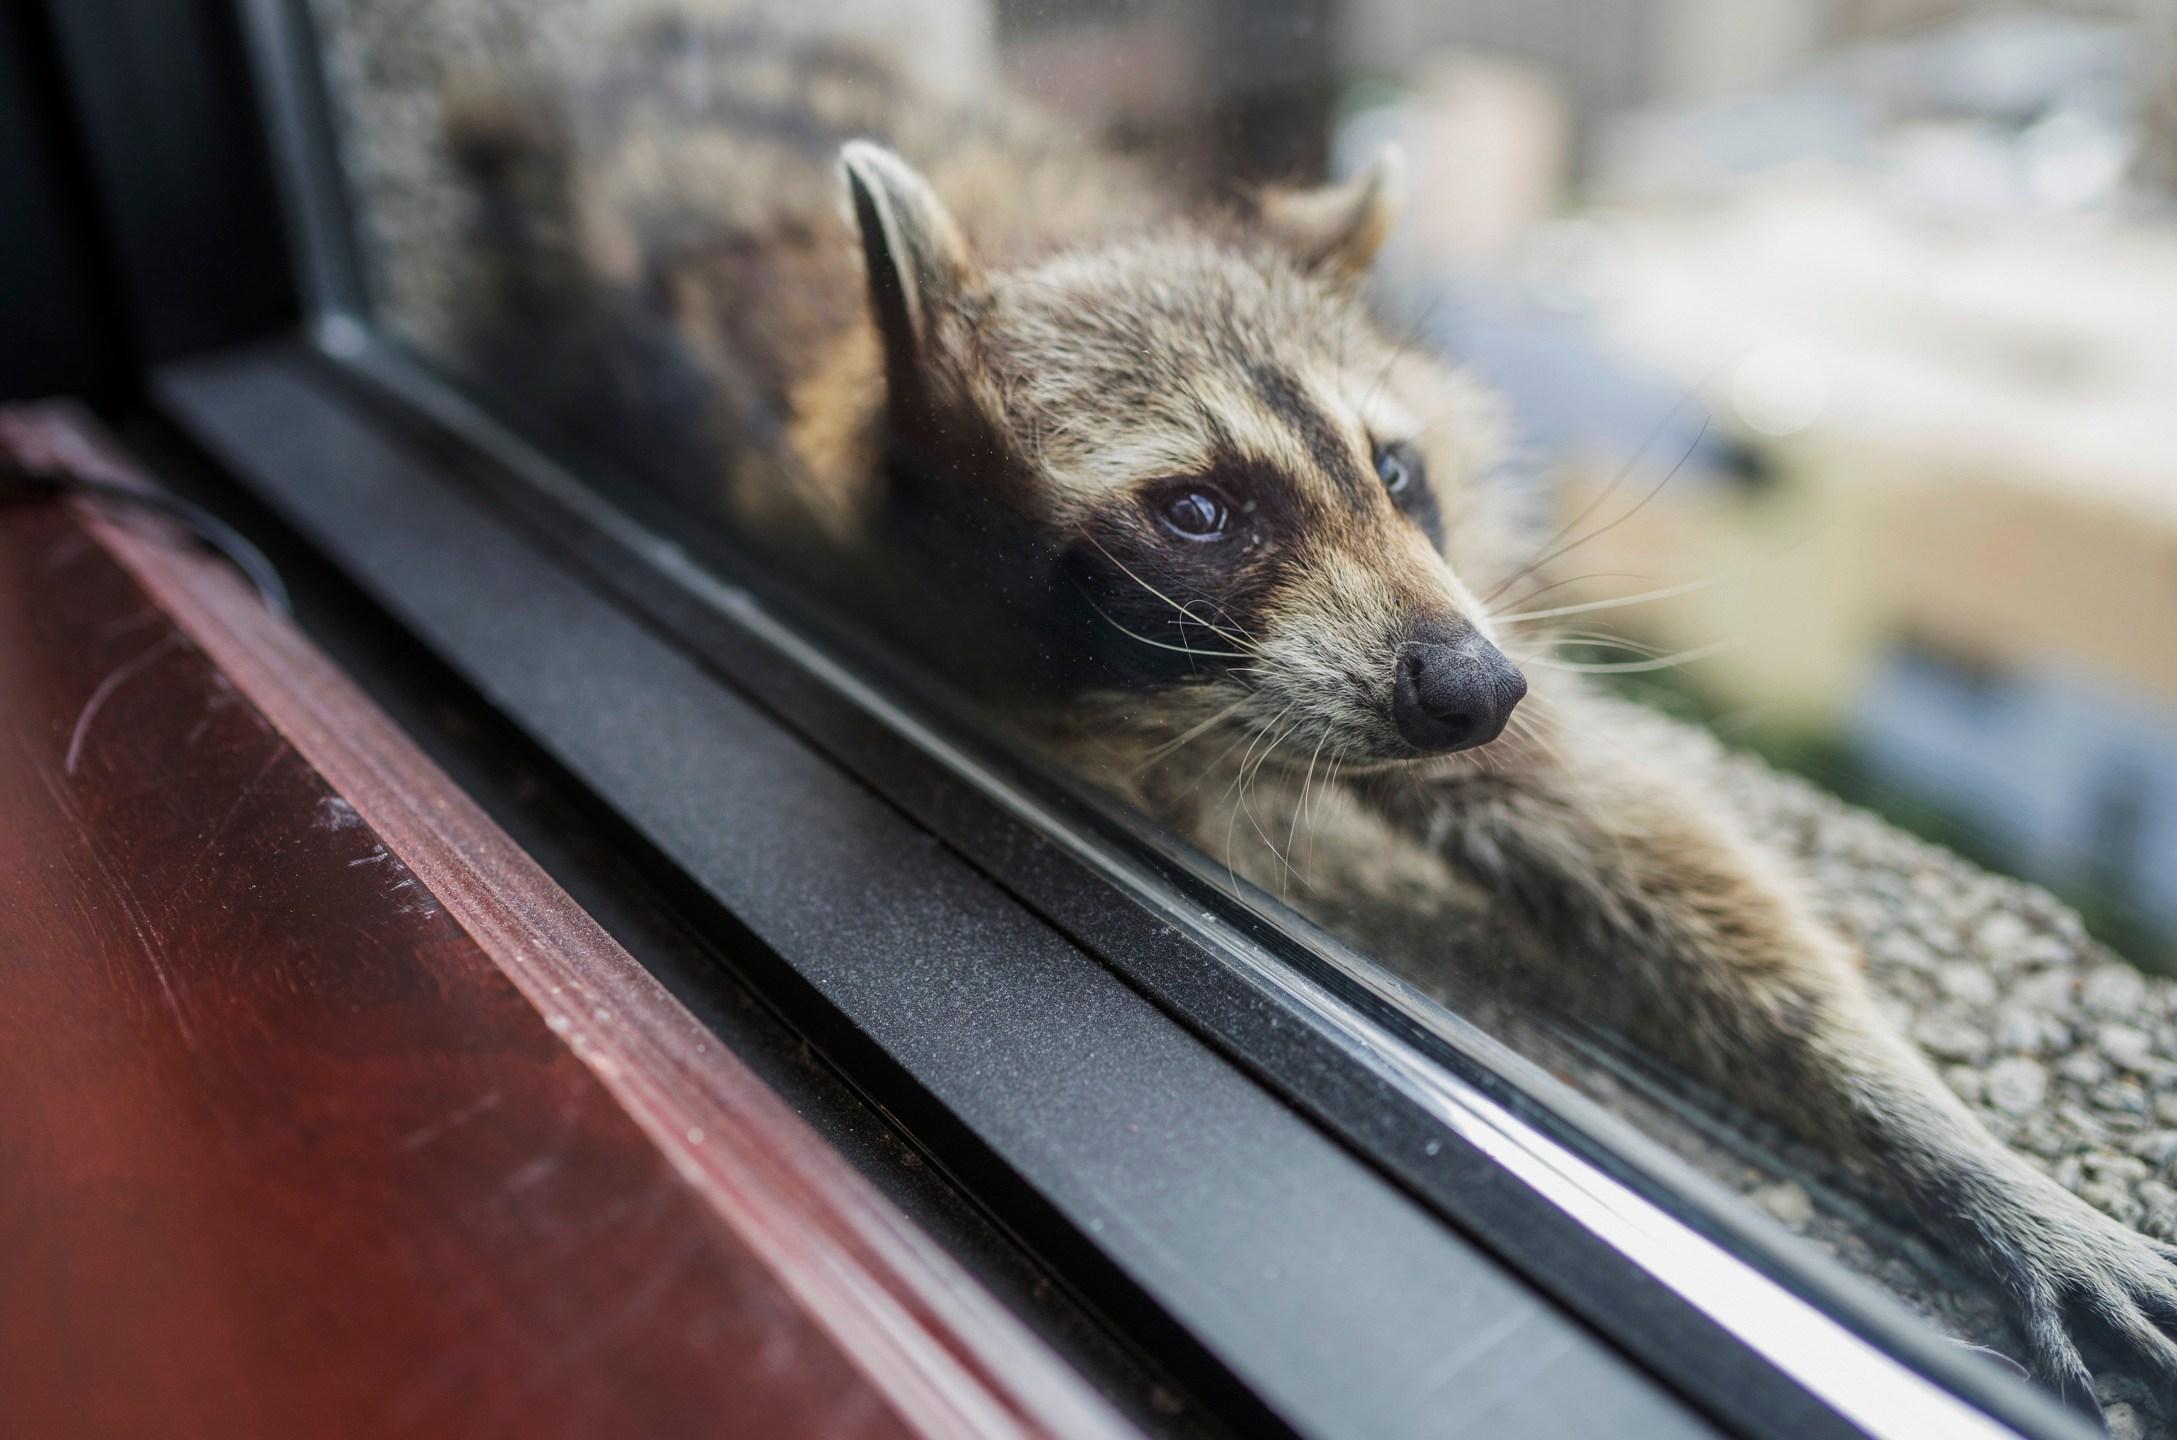 Stranded_Raccoon_93448-159532.jpg71641844